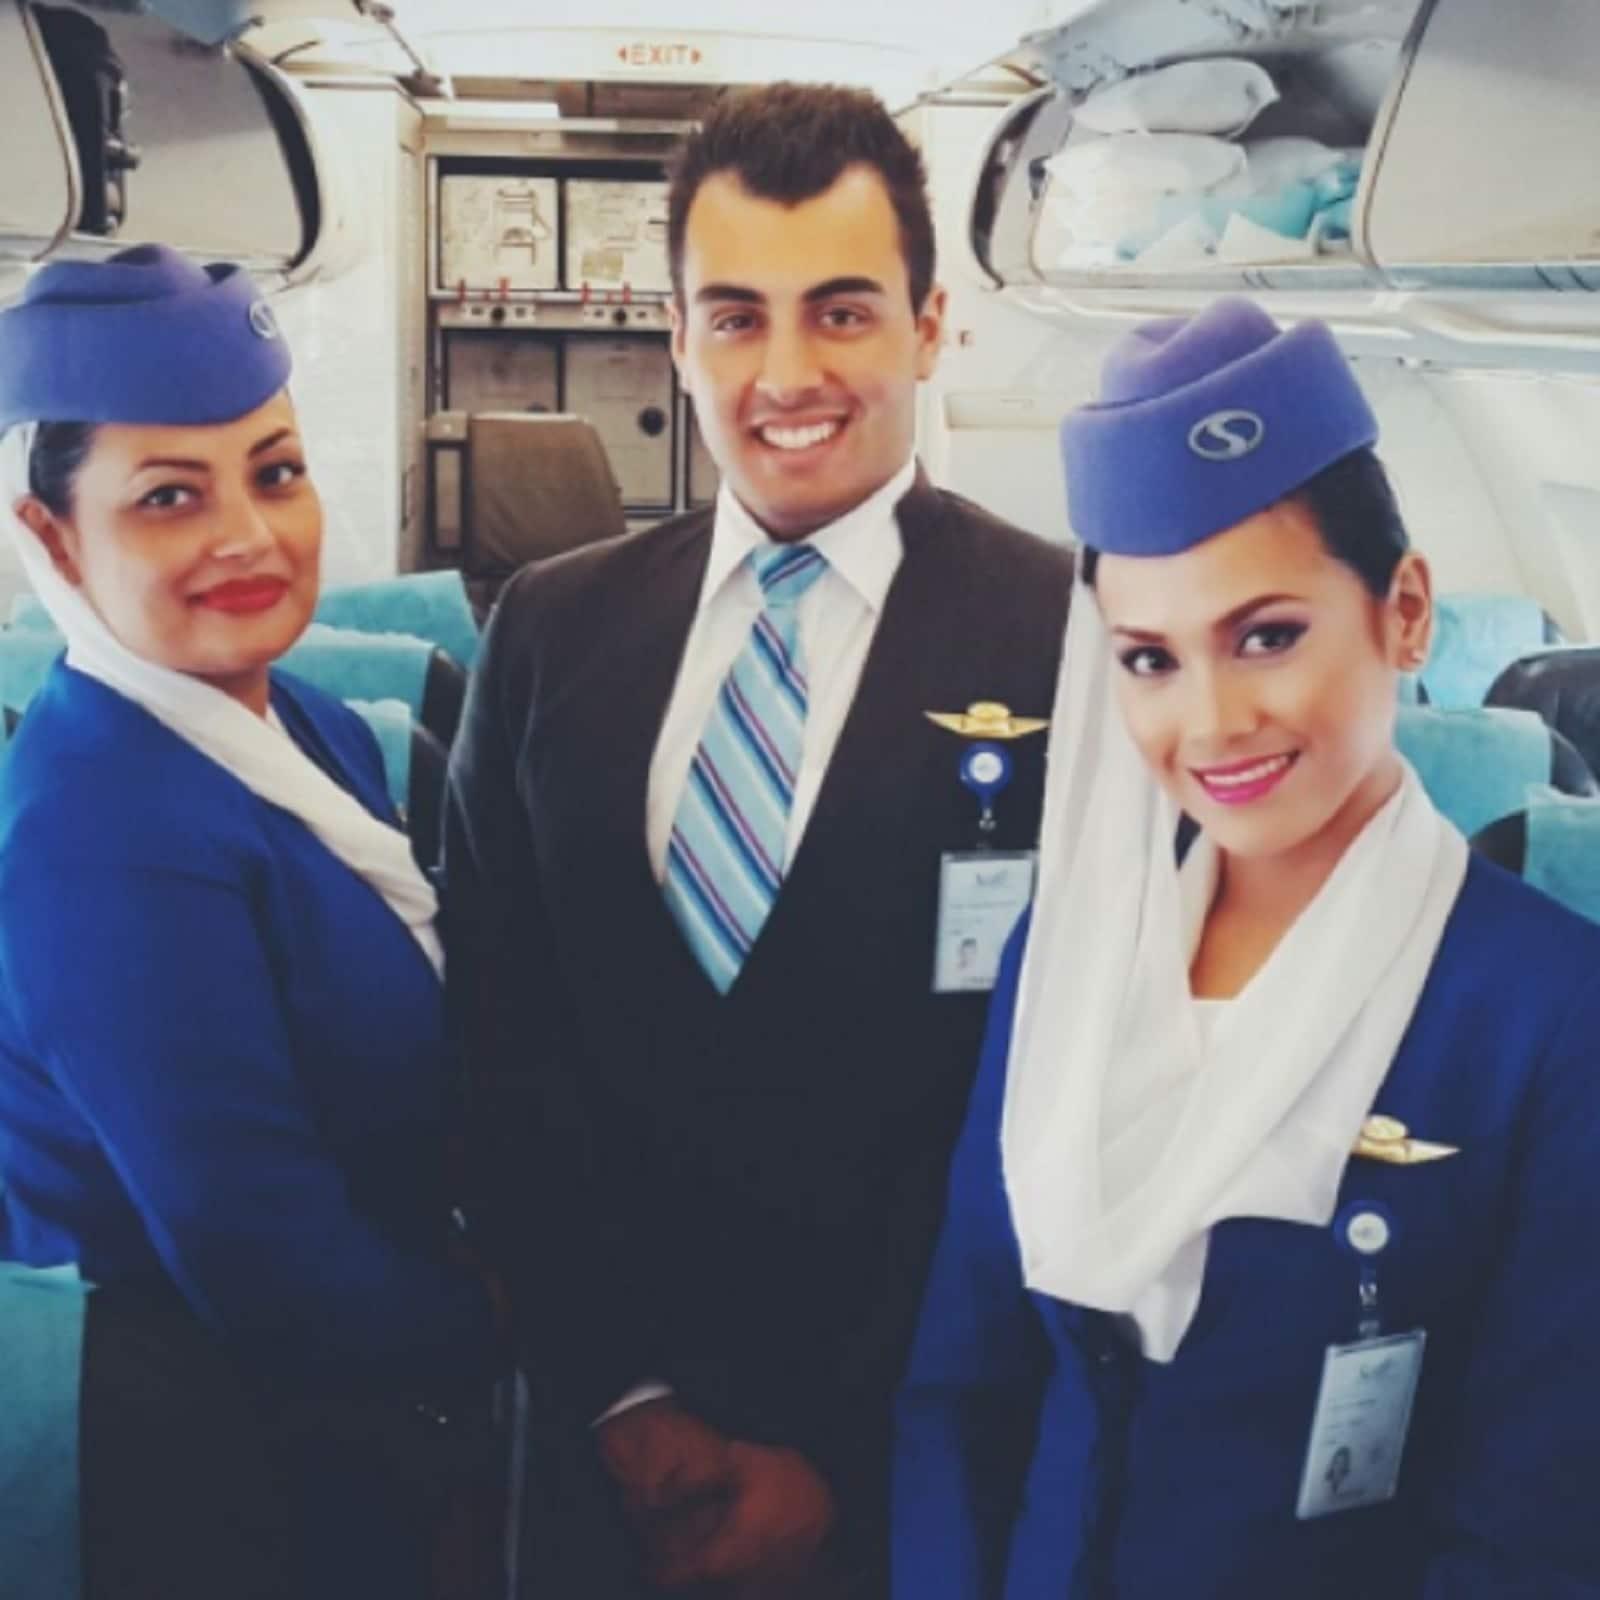 अफगानिस्तान की प्राइवेट एयरलाइंस सैफी इन दिनों बंद है. लेकिन ये माना जाता था कि उसने अपनी सेवा में खासी सुंदर और ग्लैमरस एयहोस्टेस की नियुक्तियां तो की हीं, साथ ही गाढ़े नीले रंग की उनकी ड्रेस भी खासी आकर्षक और स्मार्ट होती थी. अब ये अफगानिस्तान के लिए बीती बात बन चुकी है.